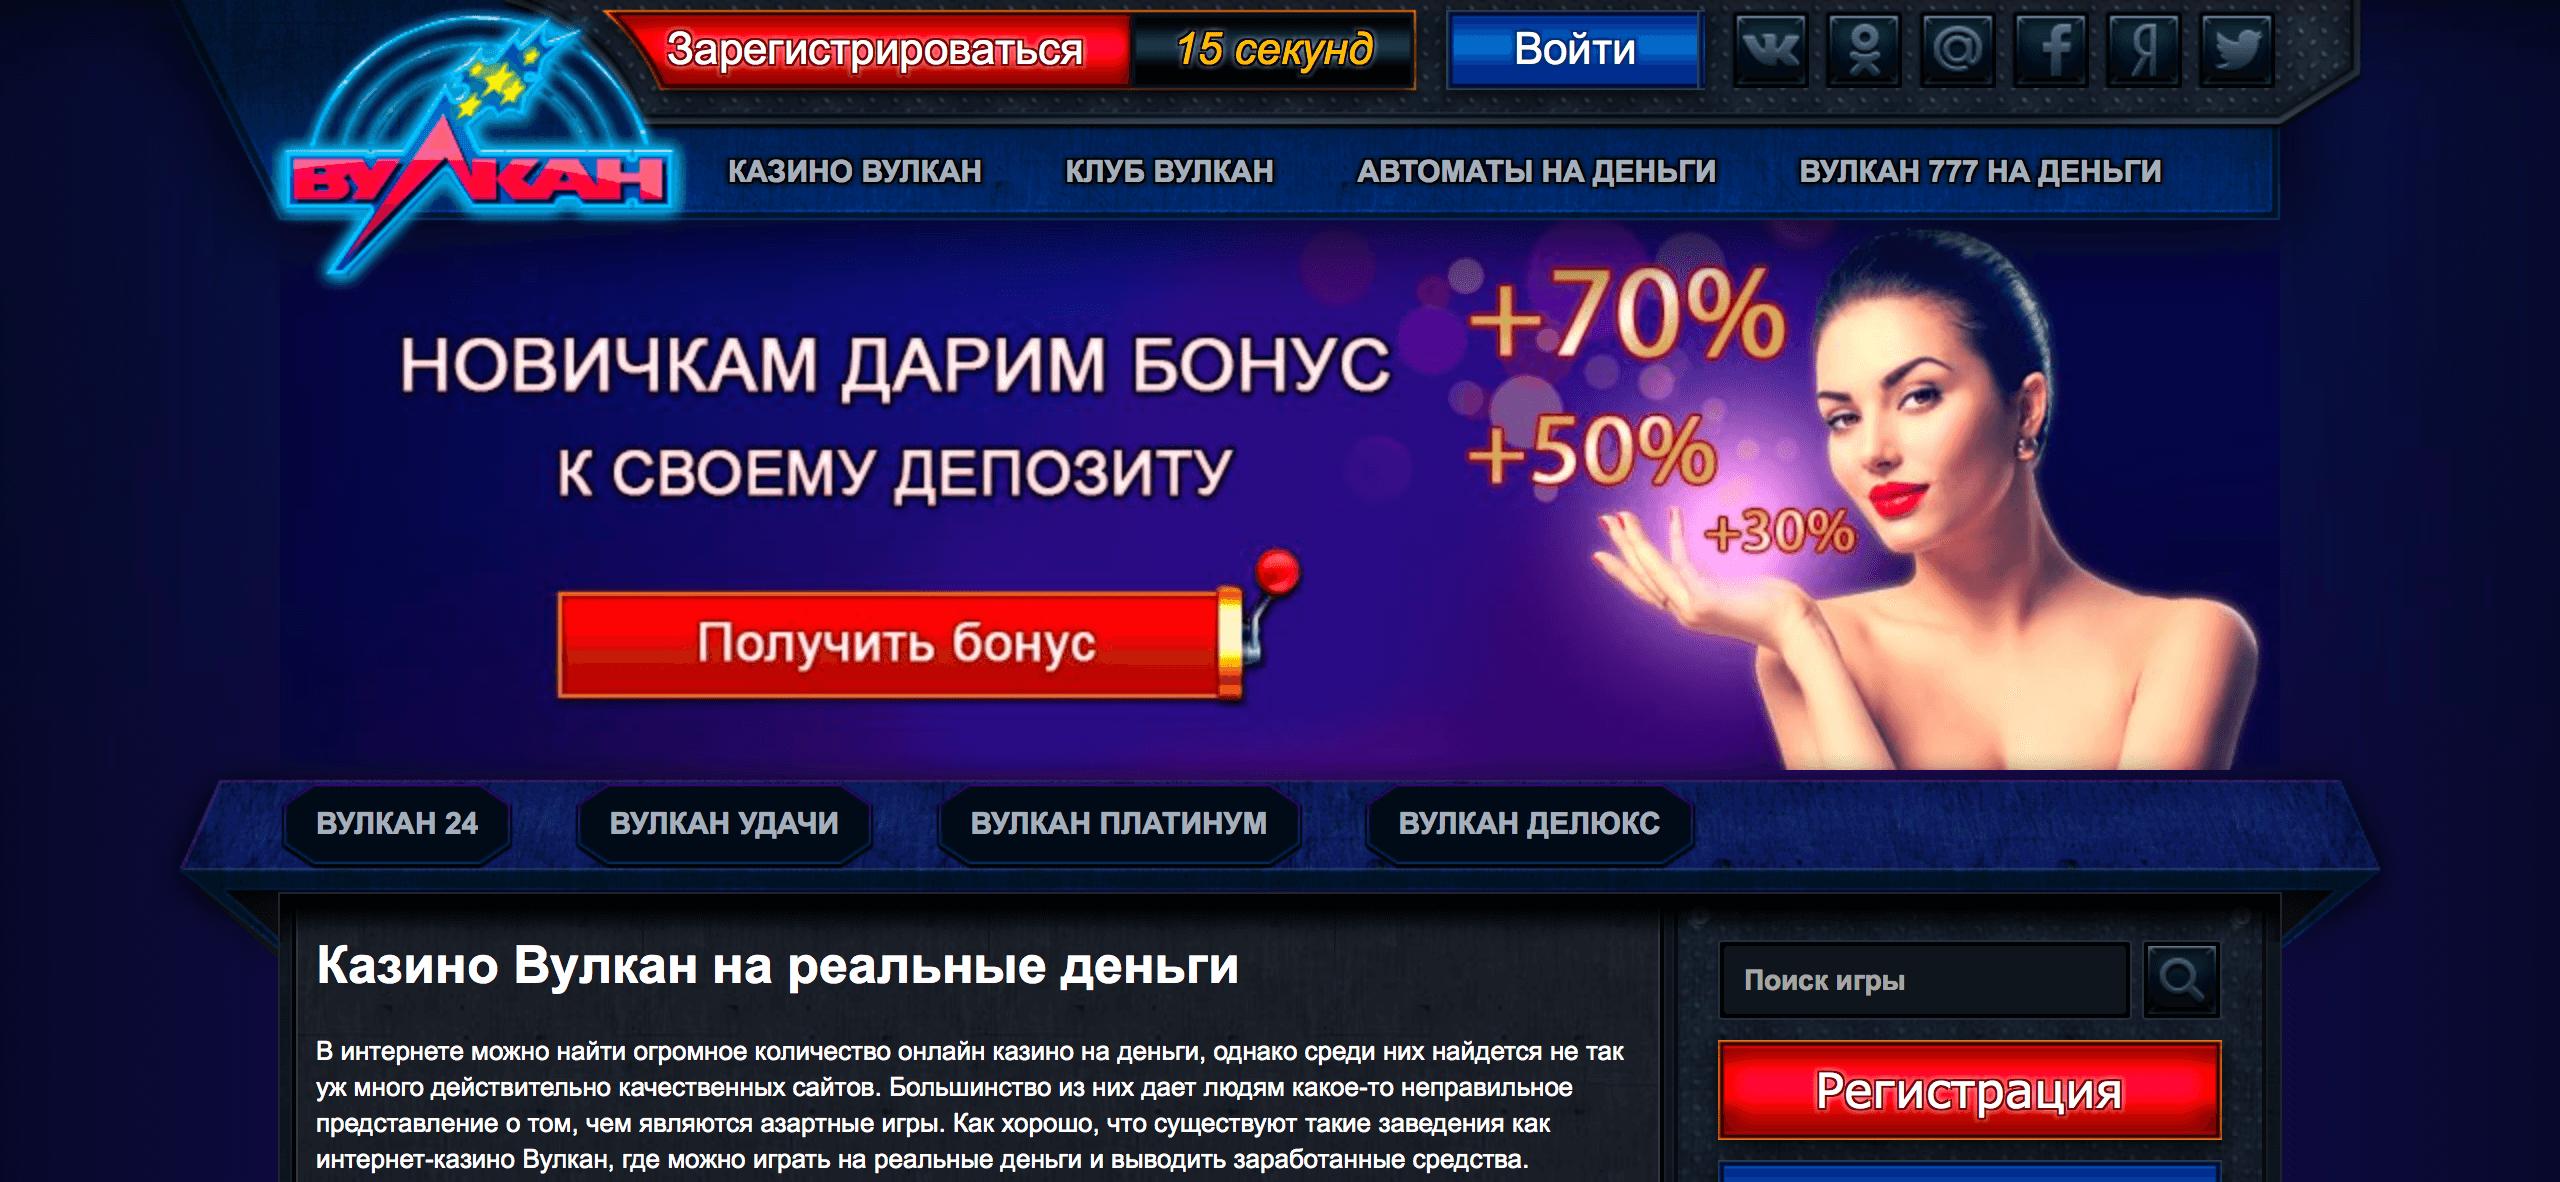 казино вулкан клуб бонусы